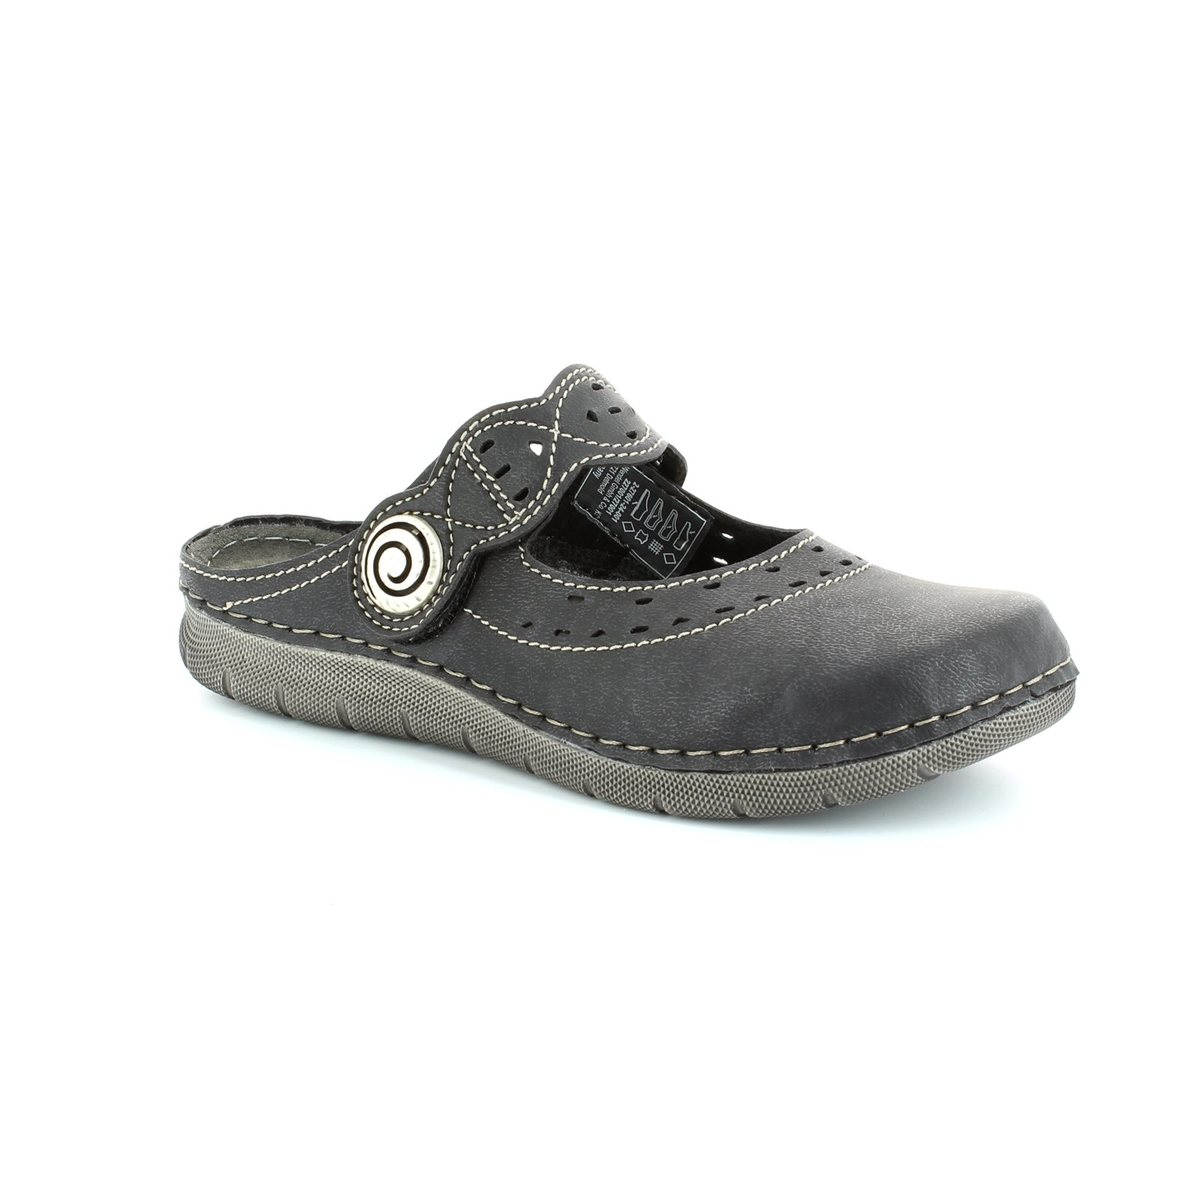 marco tozzi hannah 27601 001 black slipper mules